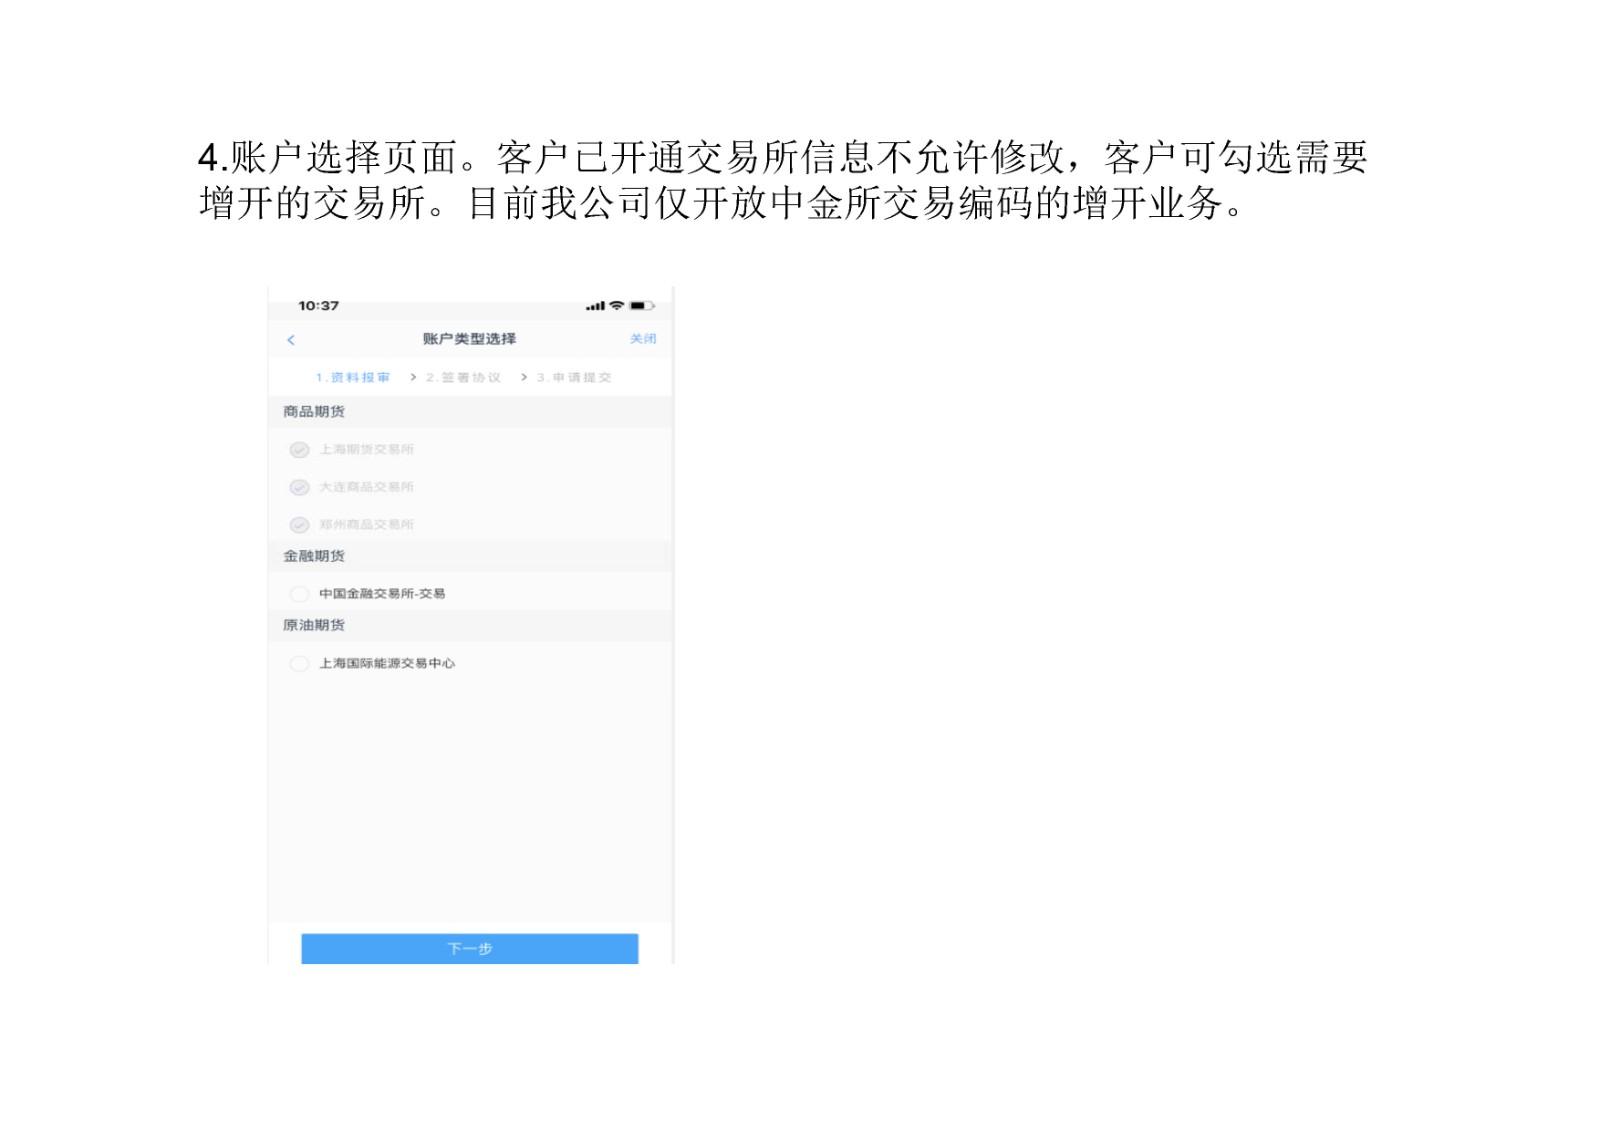 增开交易编码流程_Page6.jpg